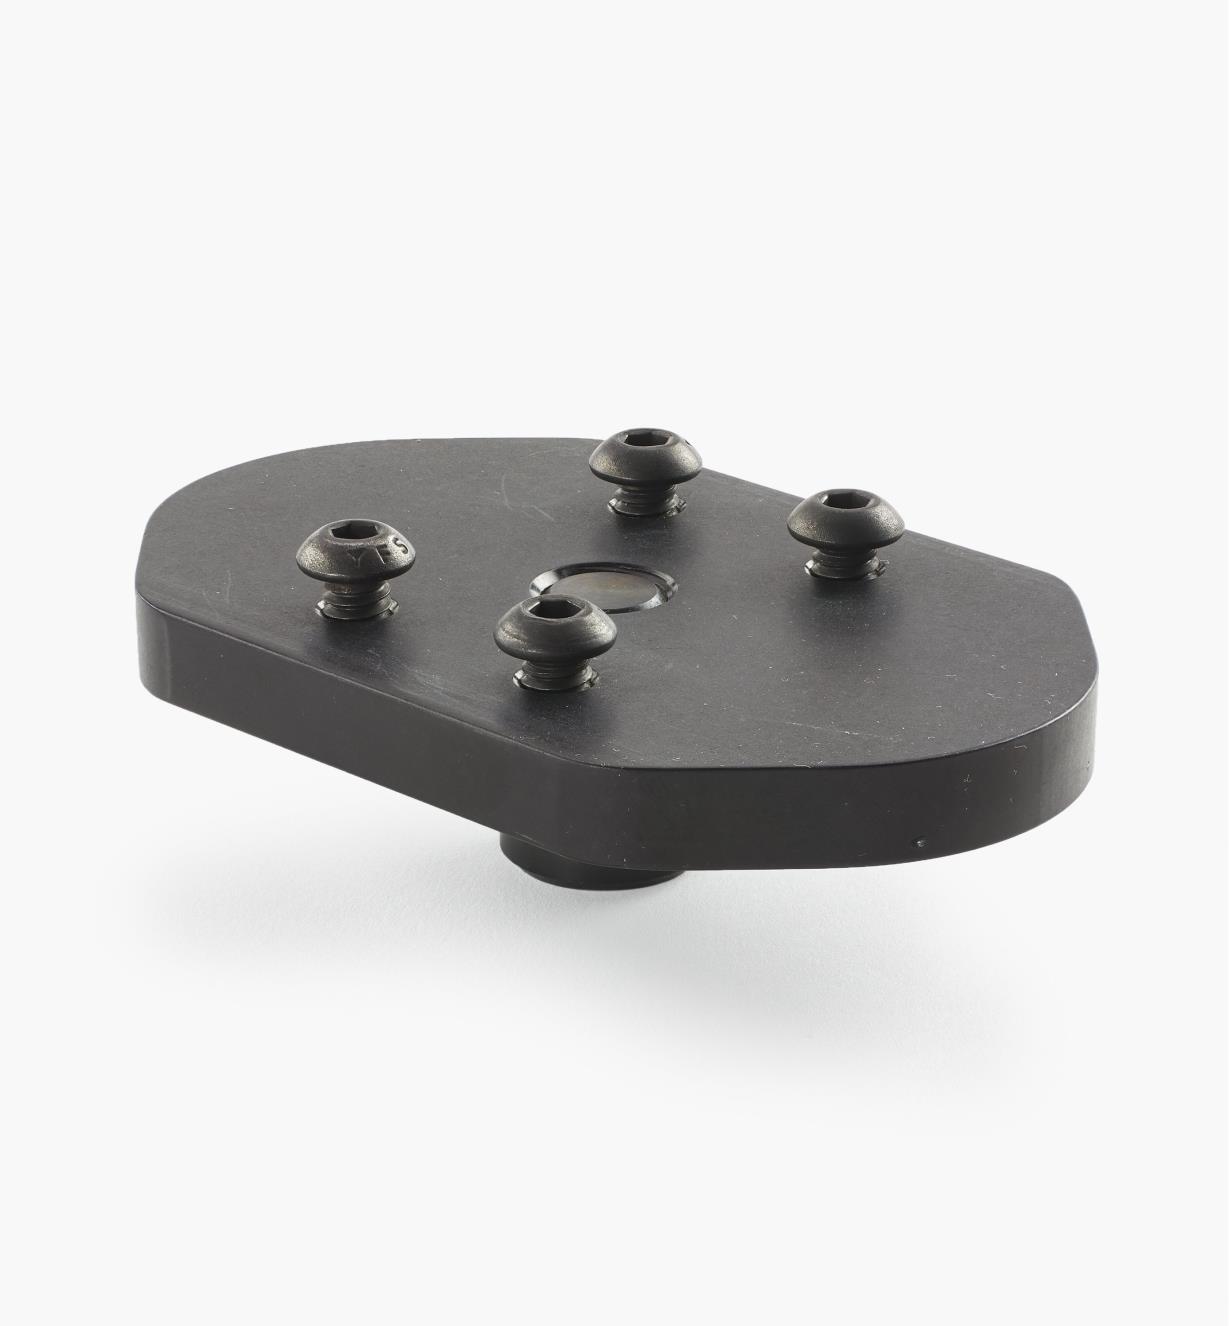 50F0103 - Plaque de fixation pour sauterelle, tige de 20 mm